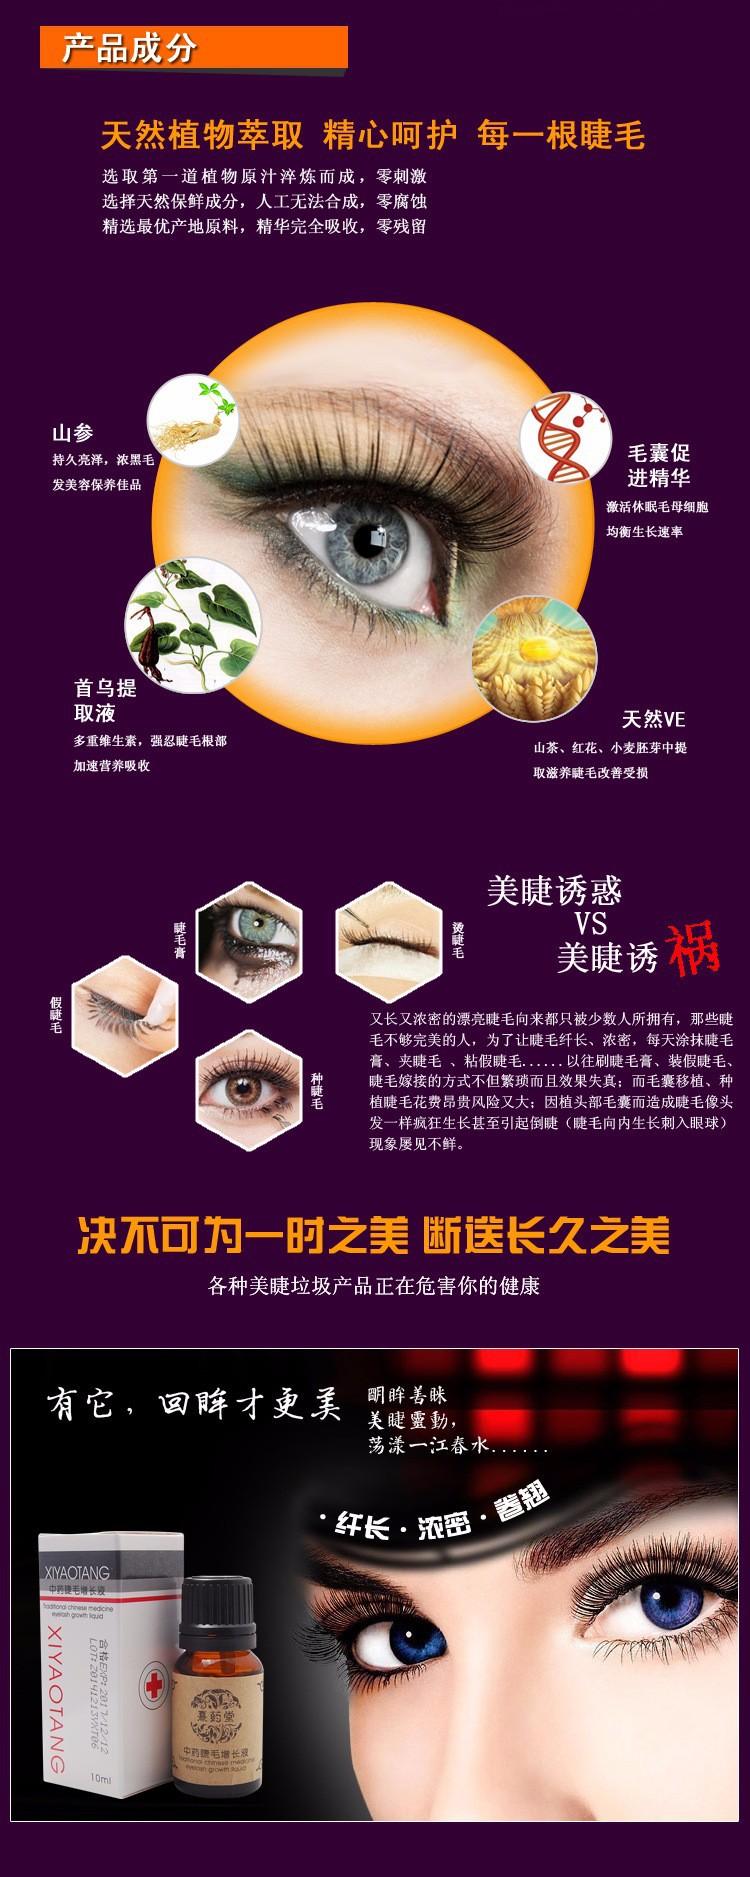 XIYaotang Eyelash growth was genuine ever thought possible bushy eyebrows eyelash growth liquid 10ml eye care essential oils 9